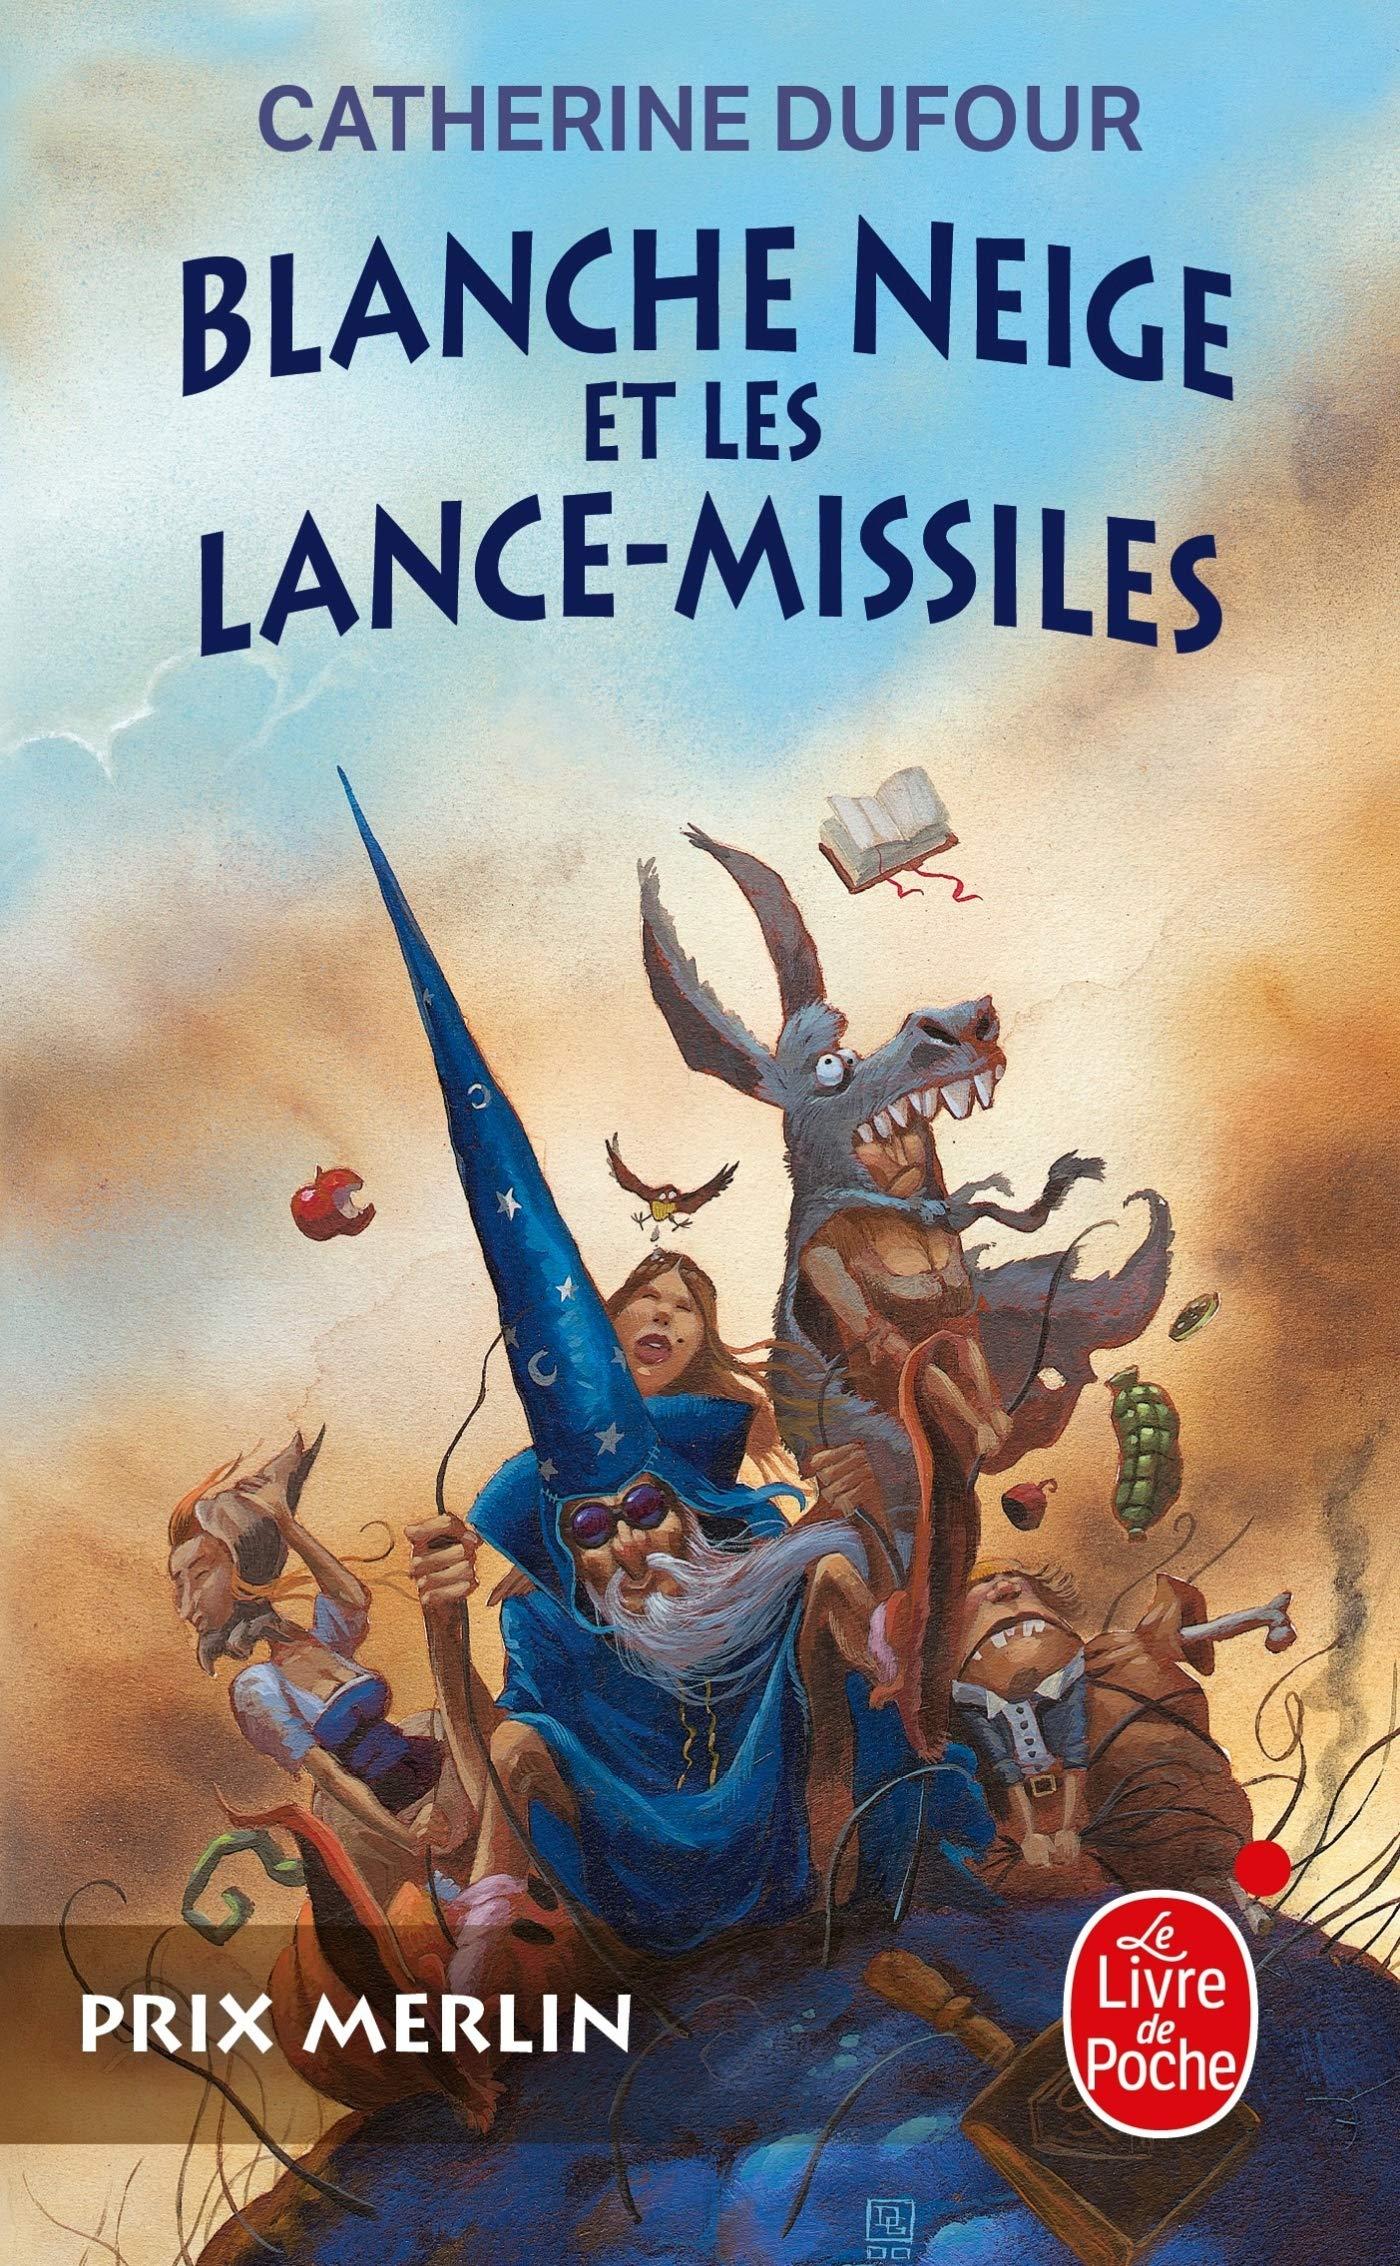 « Blanche-Neige et les lance-missiles », de Catherine Dufour